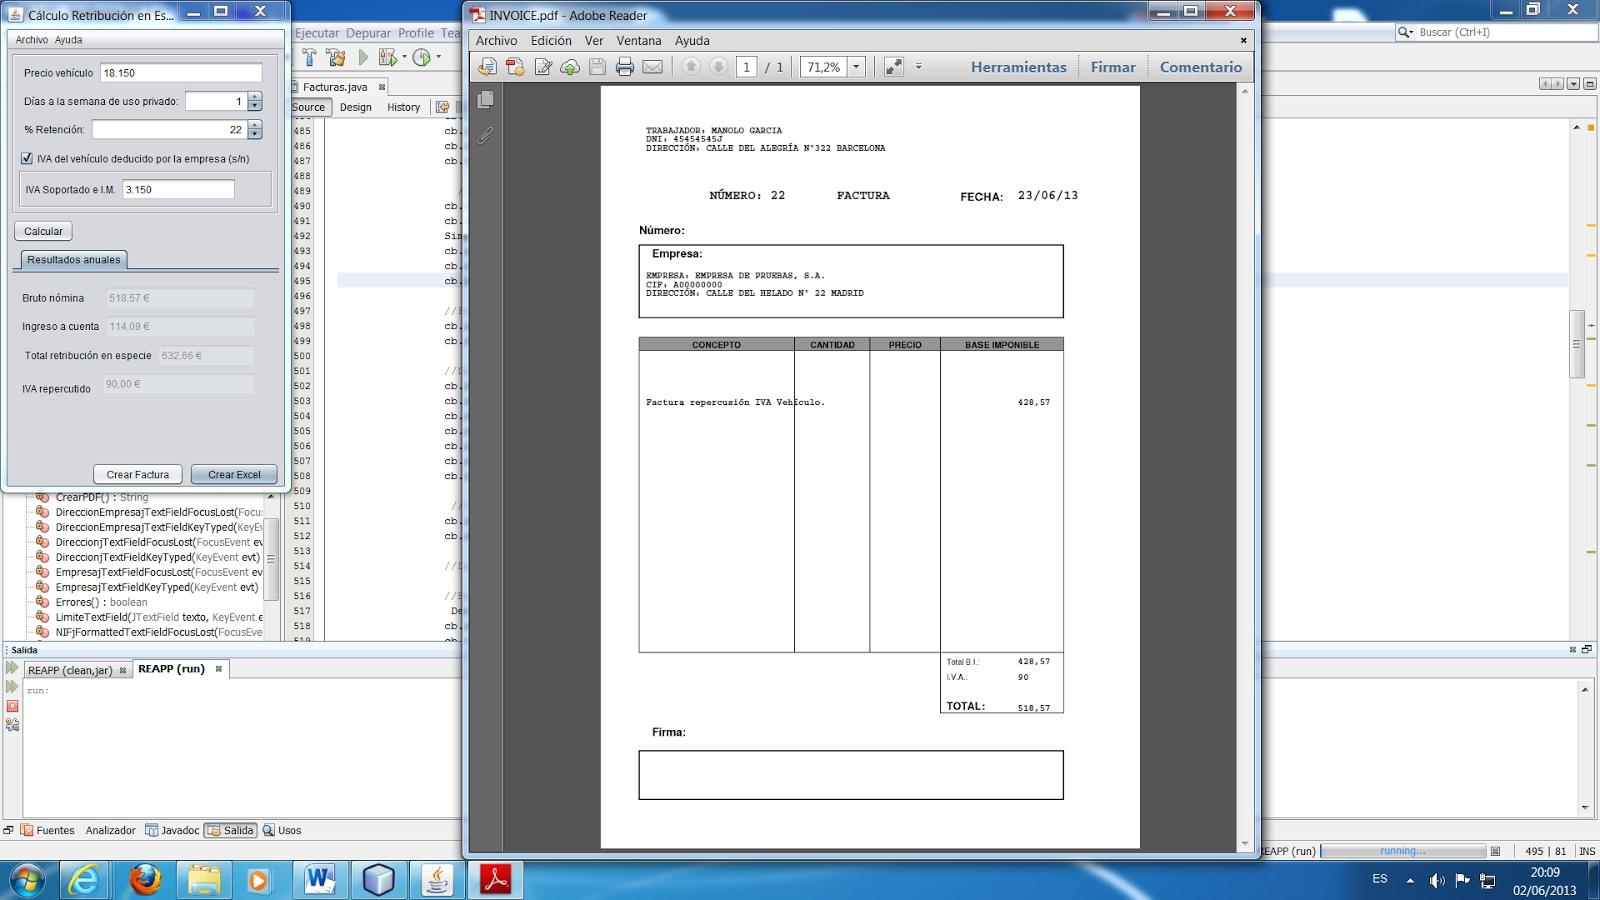 como hacer un invoice cosas de programacin y de gestin empresarial crear un pdf en 1600 X 900